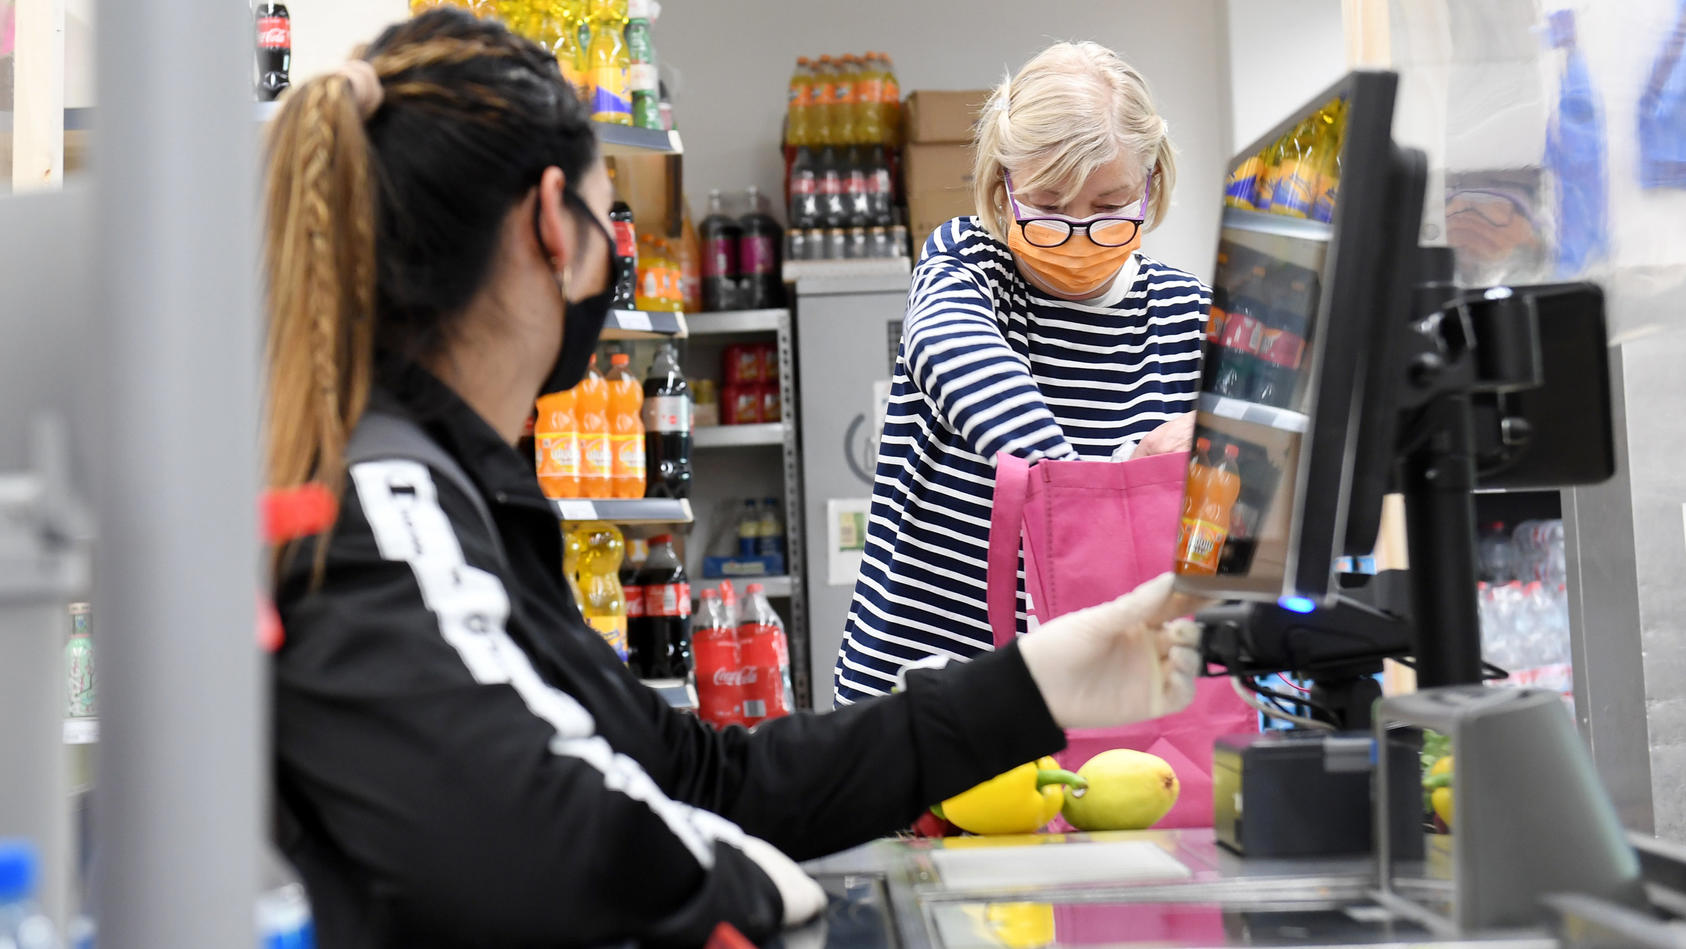 Trotz Mehrarbeit in der Corona-Krise sank der durchschnittliche Lohn für Supermarktverkäufer um 60 Euro.